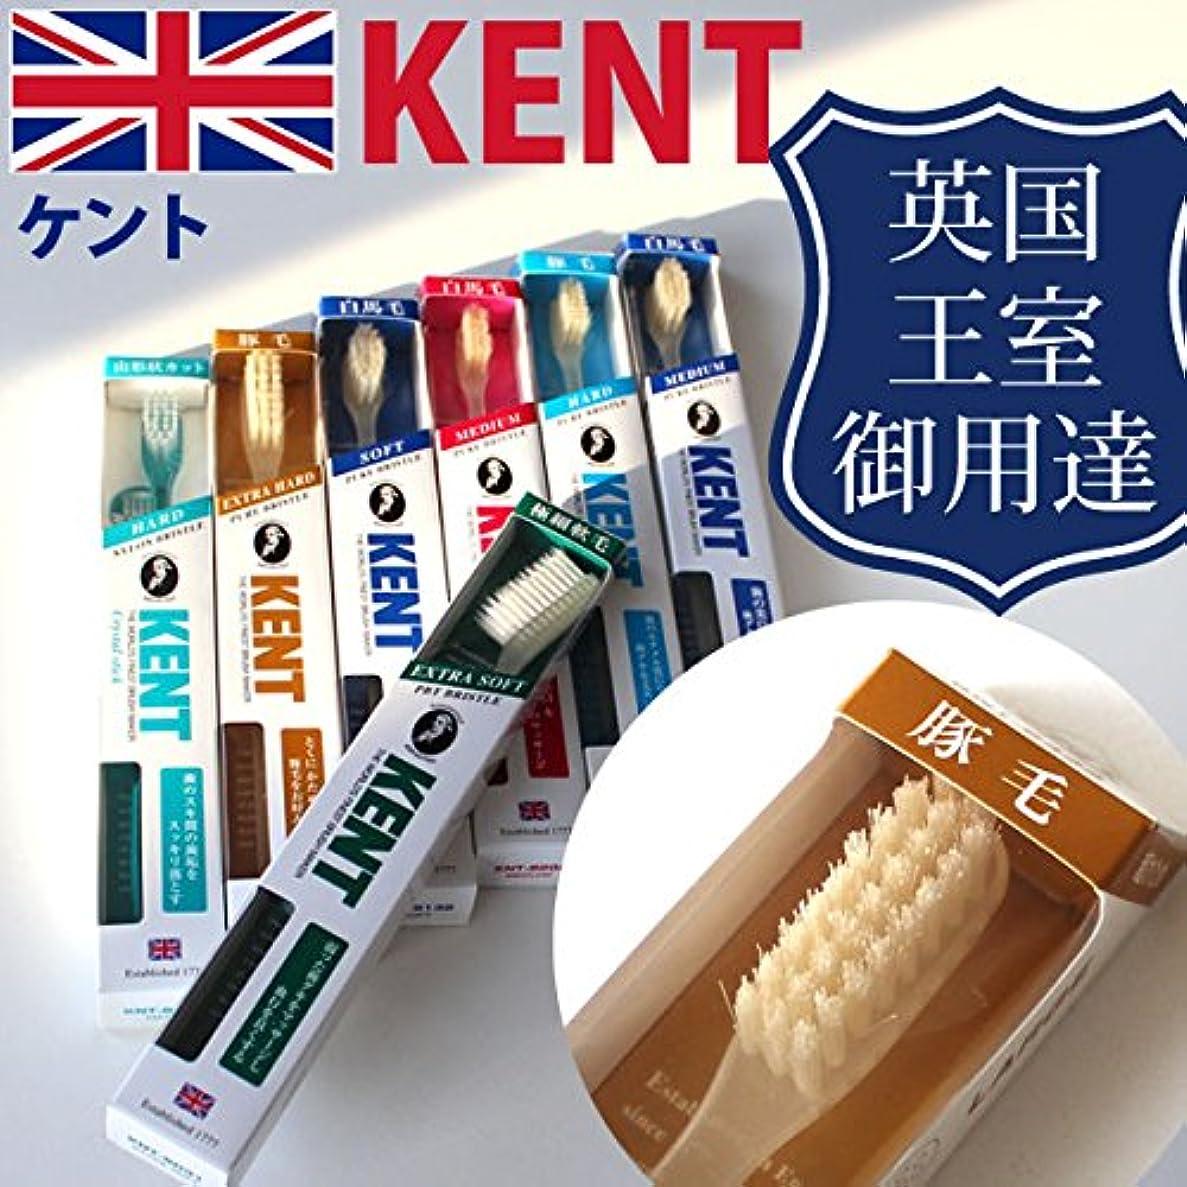 シャンプーウェイトレス寸前ケント KENT 豚毛 ラージヘッド 歯ブラシKNT-9433 超かため 6本入り しっかり磨ける天然毛のラジヘ